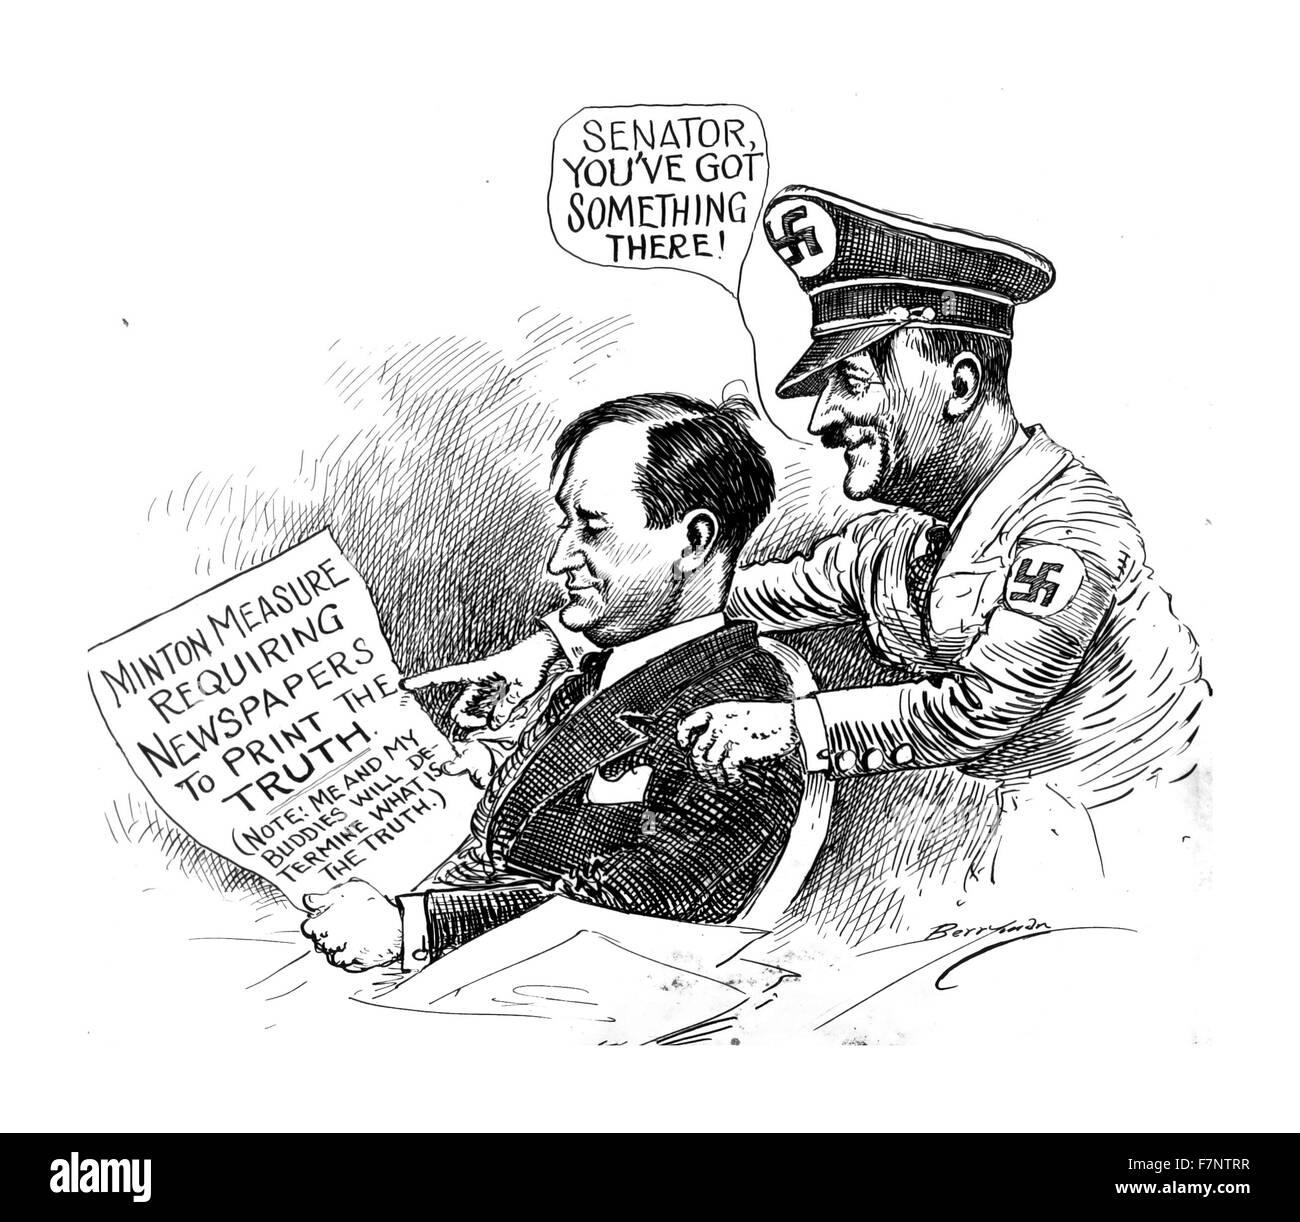 Politische Satire Aus Berryman Politischer Cartoon Sammlung